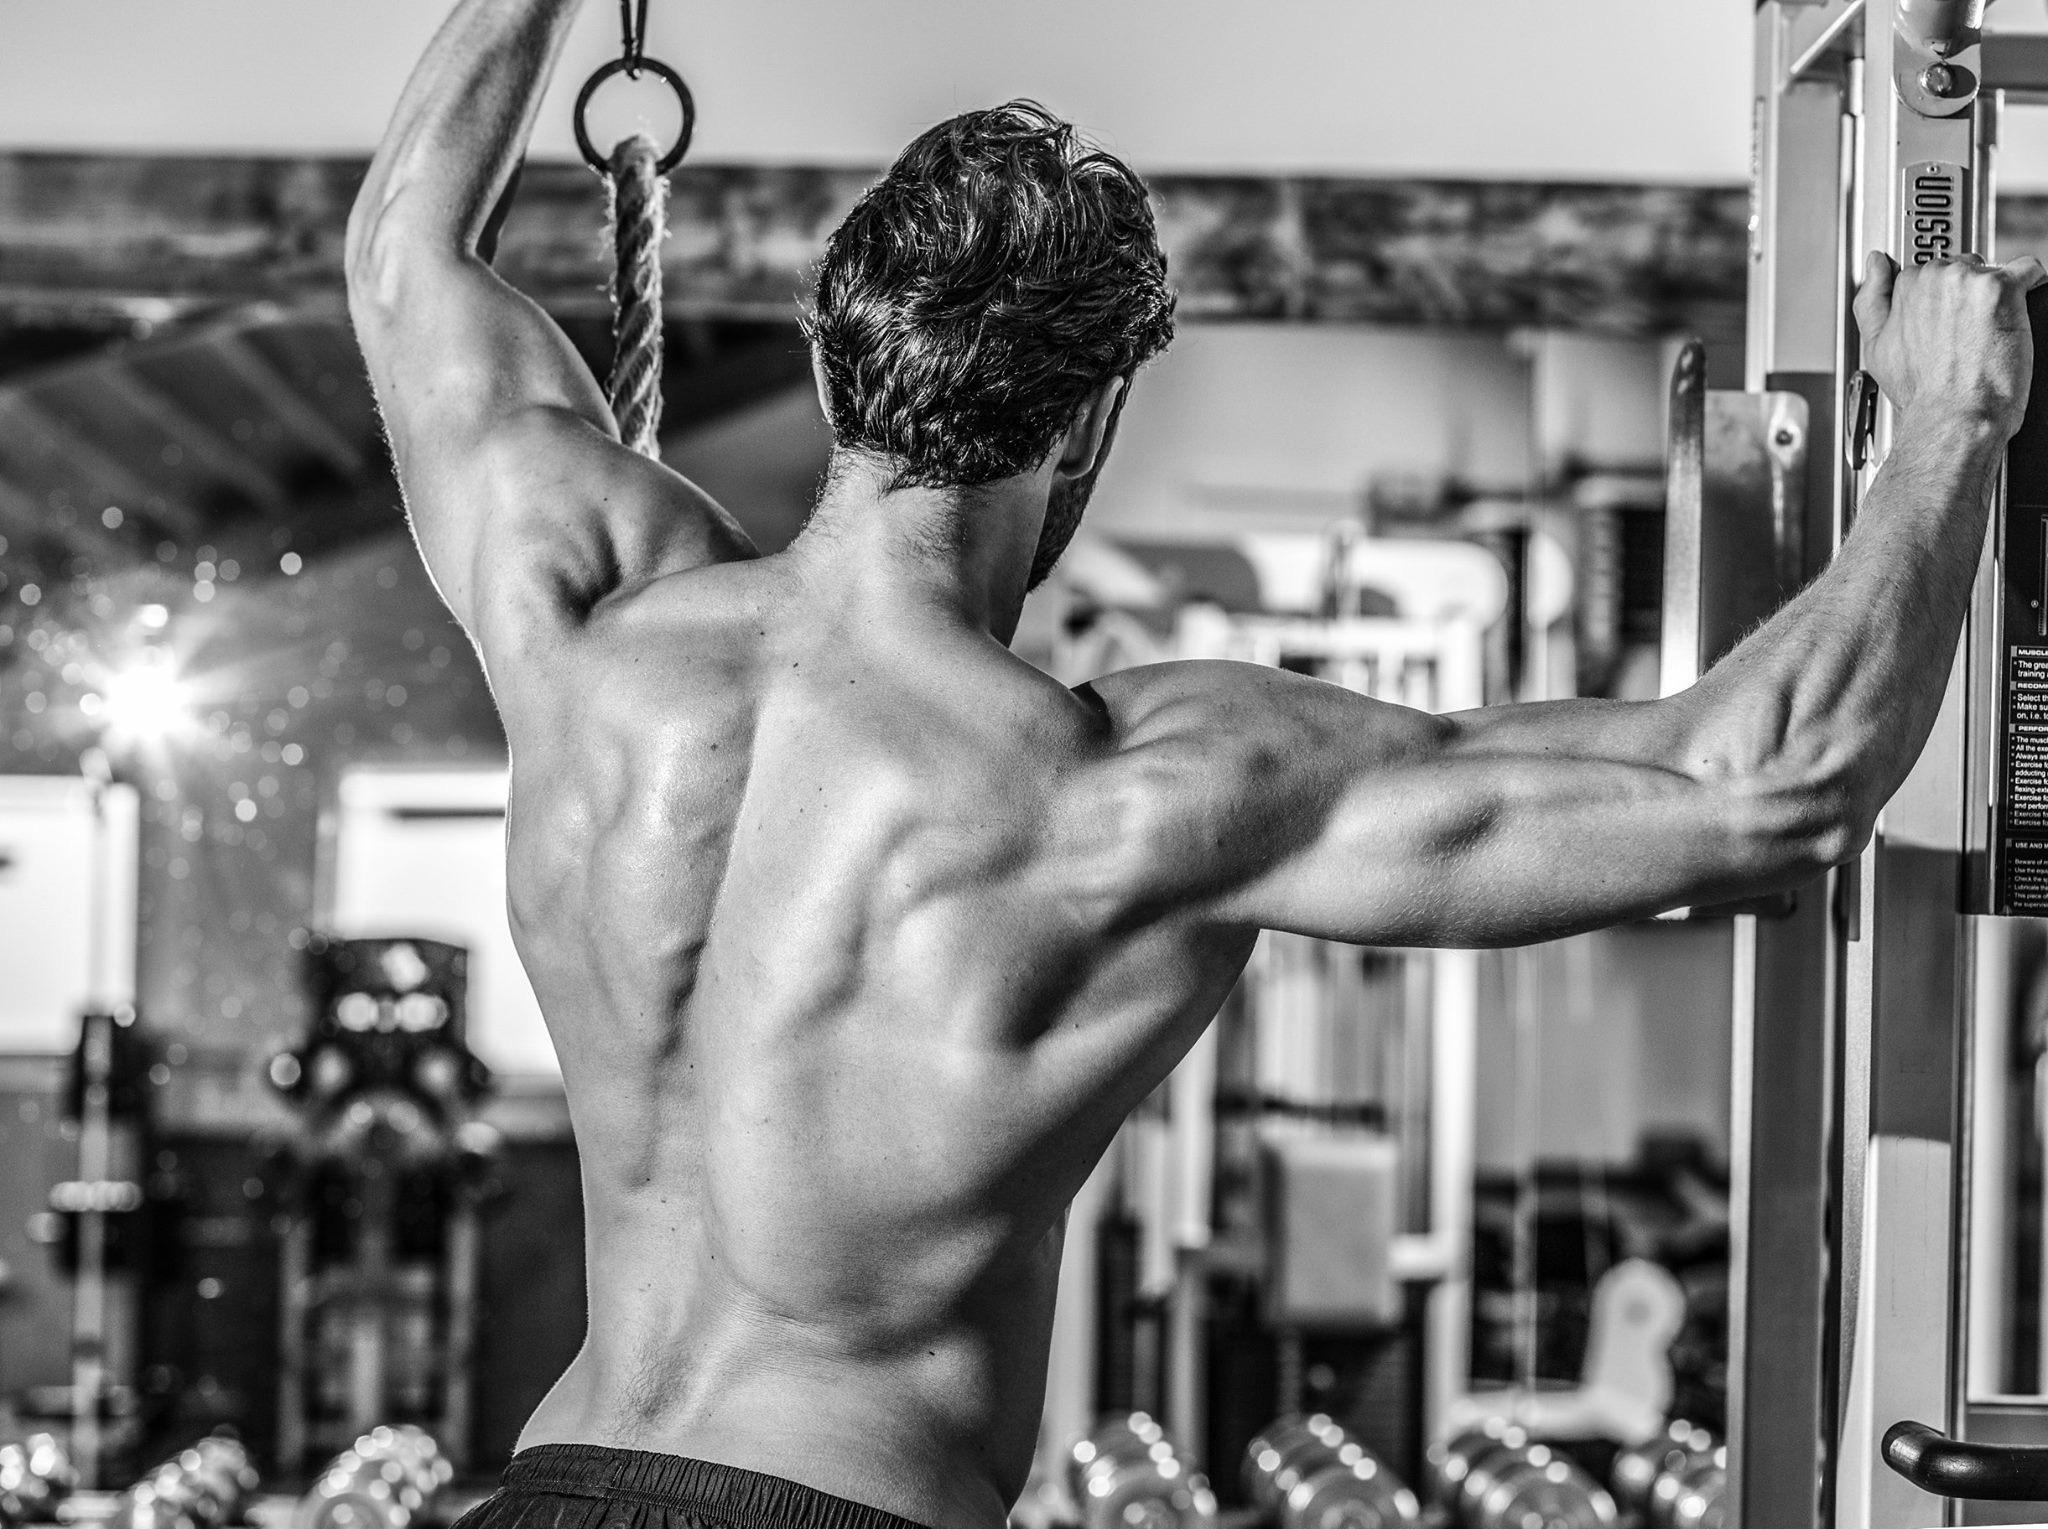 Vetverlies-en-spieropbouw-tegelijk-mogelijk-muscle